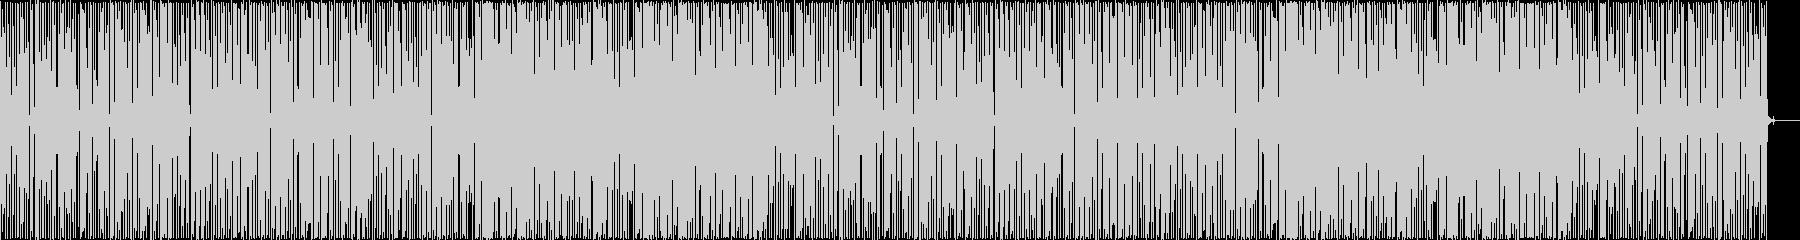 かっこいい、ファンク、スラップベースの未再生の波形